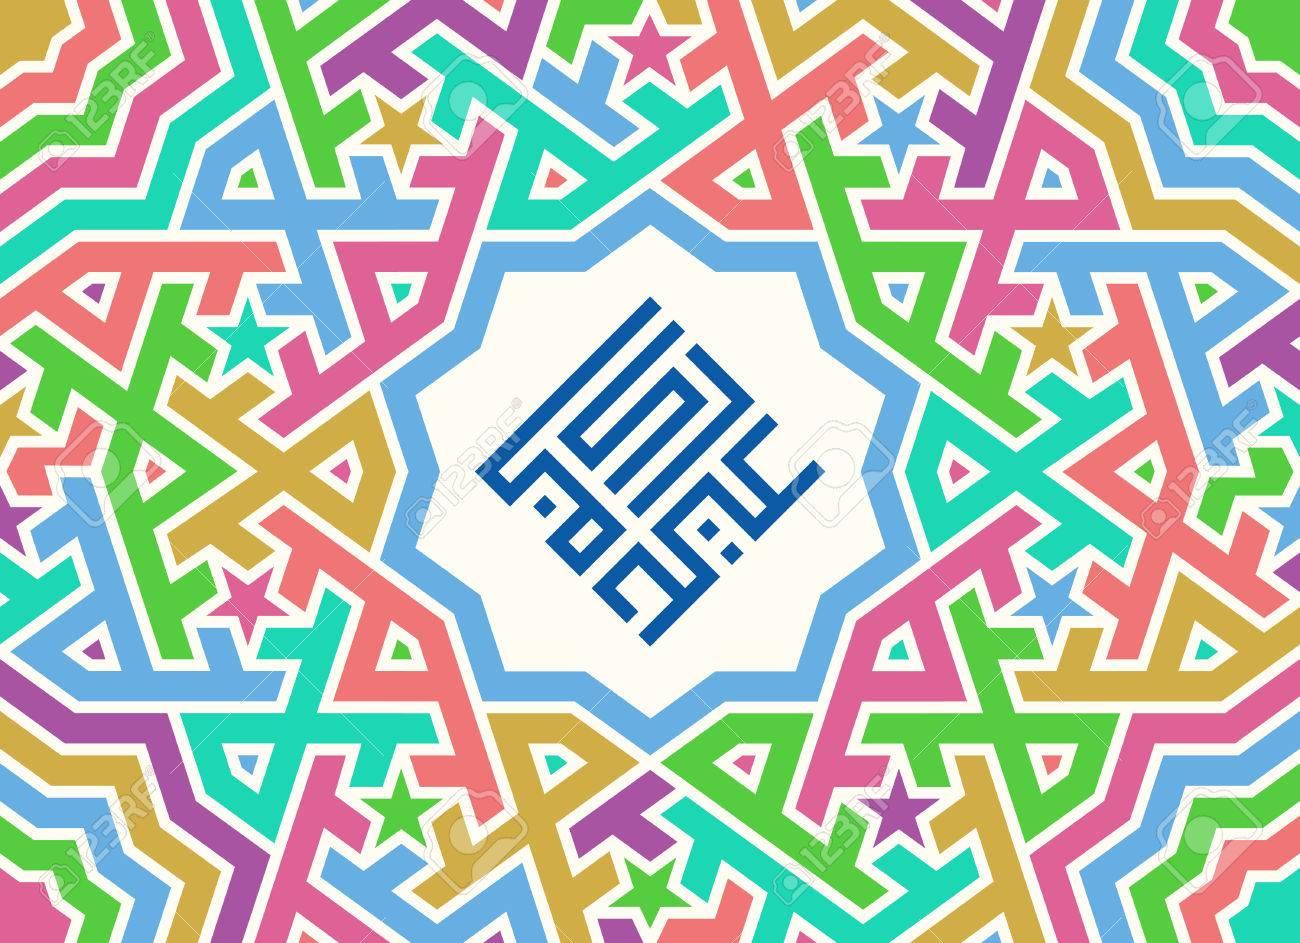 Islamische Design Grußkarte Vorlage Mit Bunten Marokko-Muster. Die ...